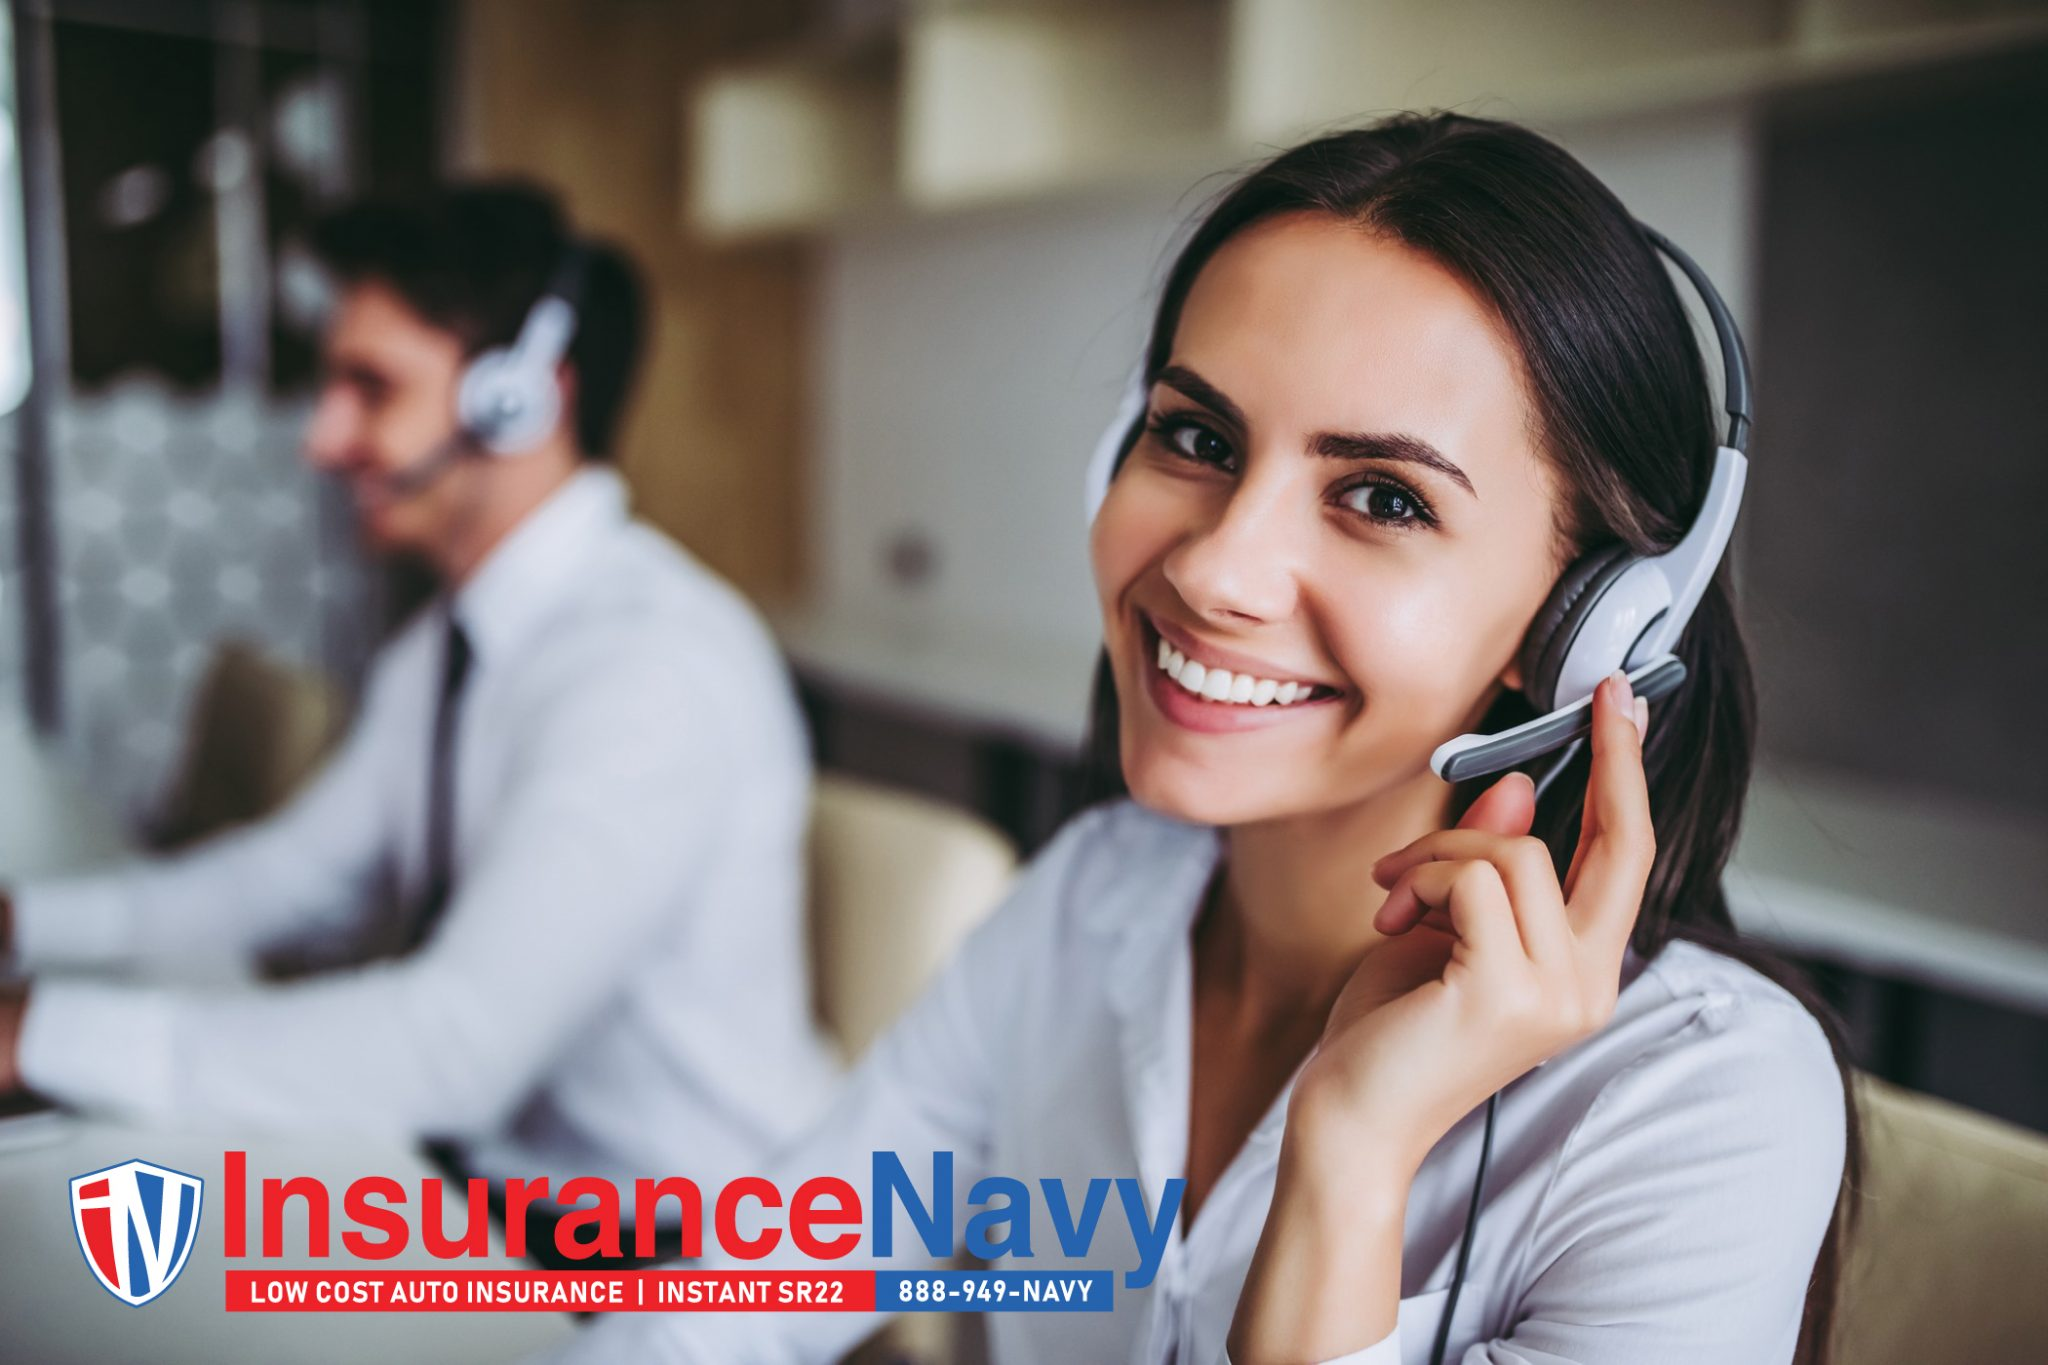 Insurance Navy Auto Insurance